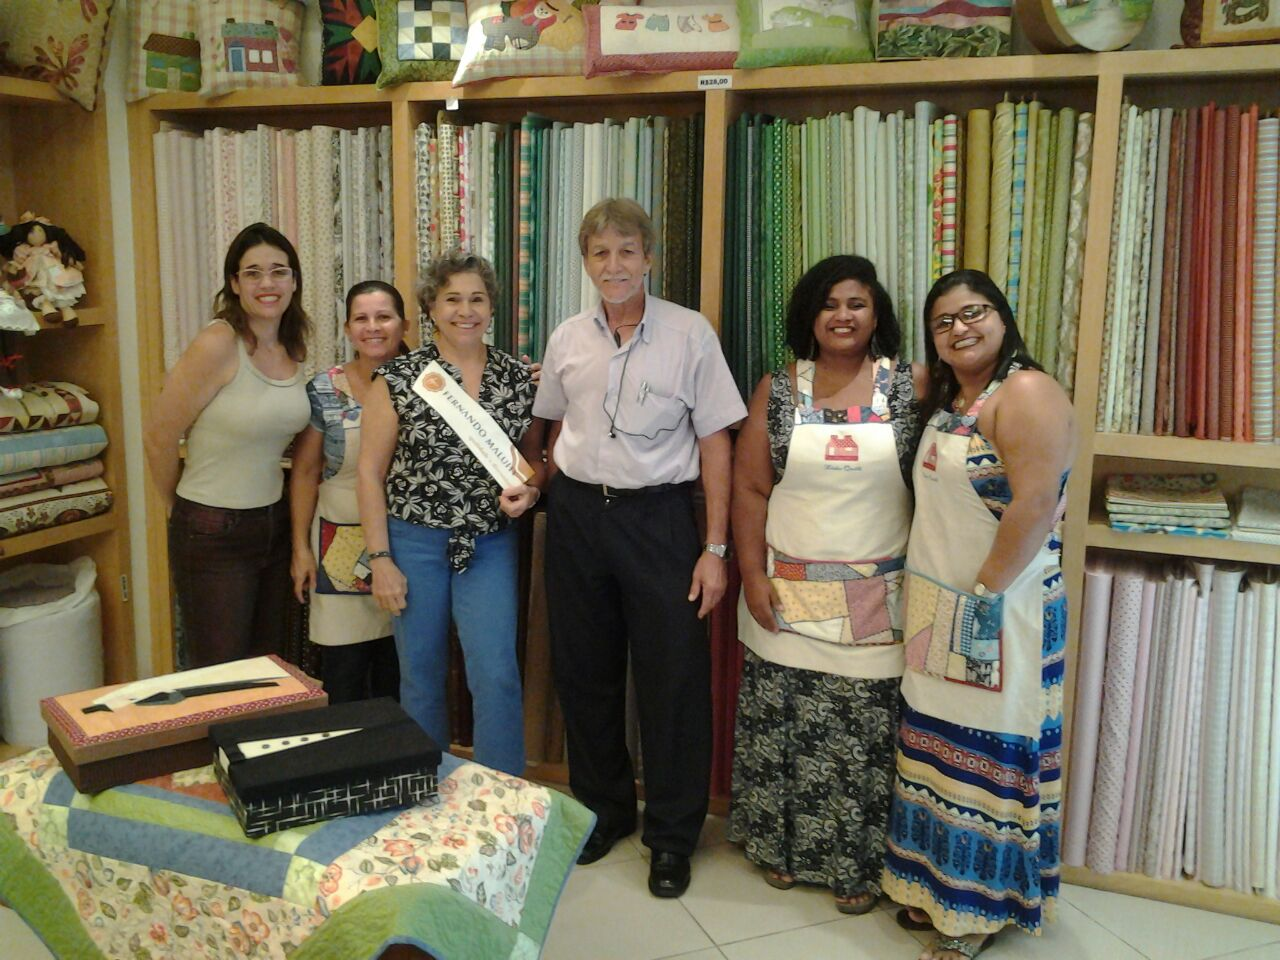 Mais um adesivo Maluhy - Loja Lido Quilt, São Francisco, Niterói. Edson, Dona Lucia e sua Equipe.